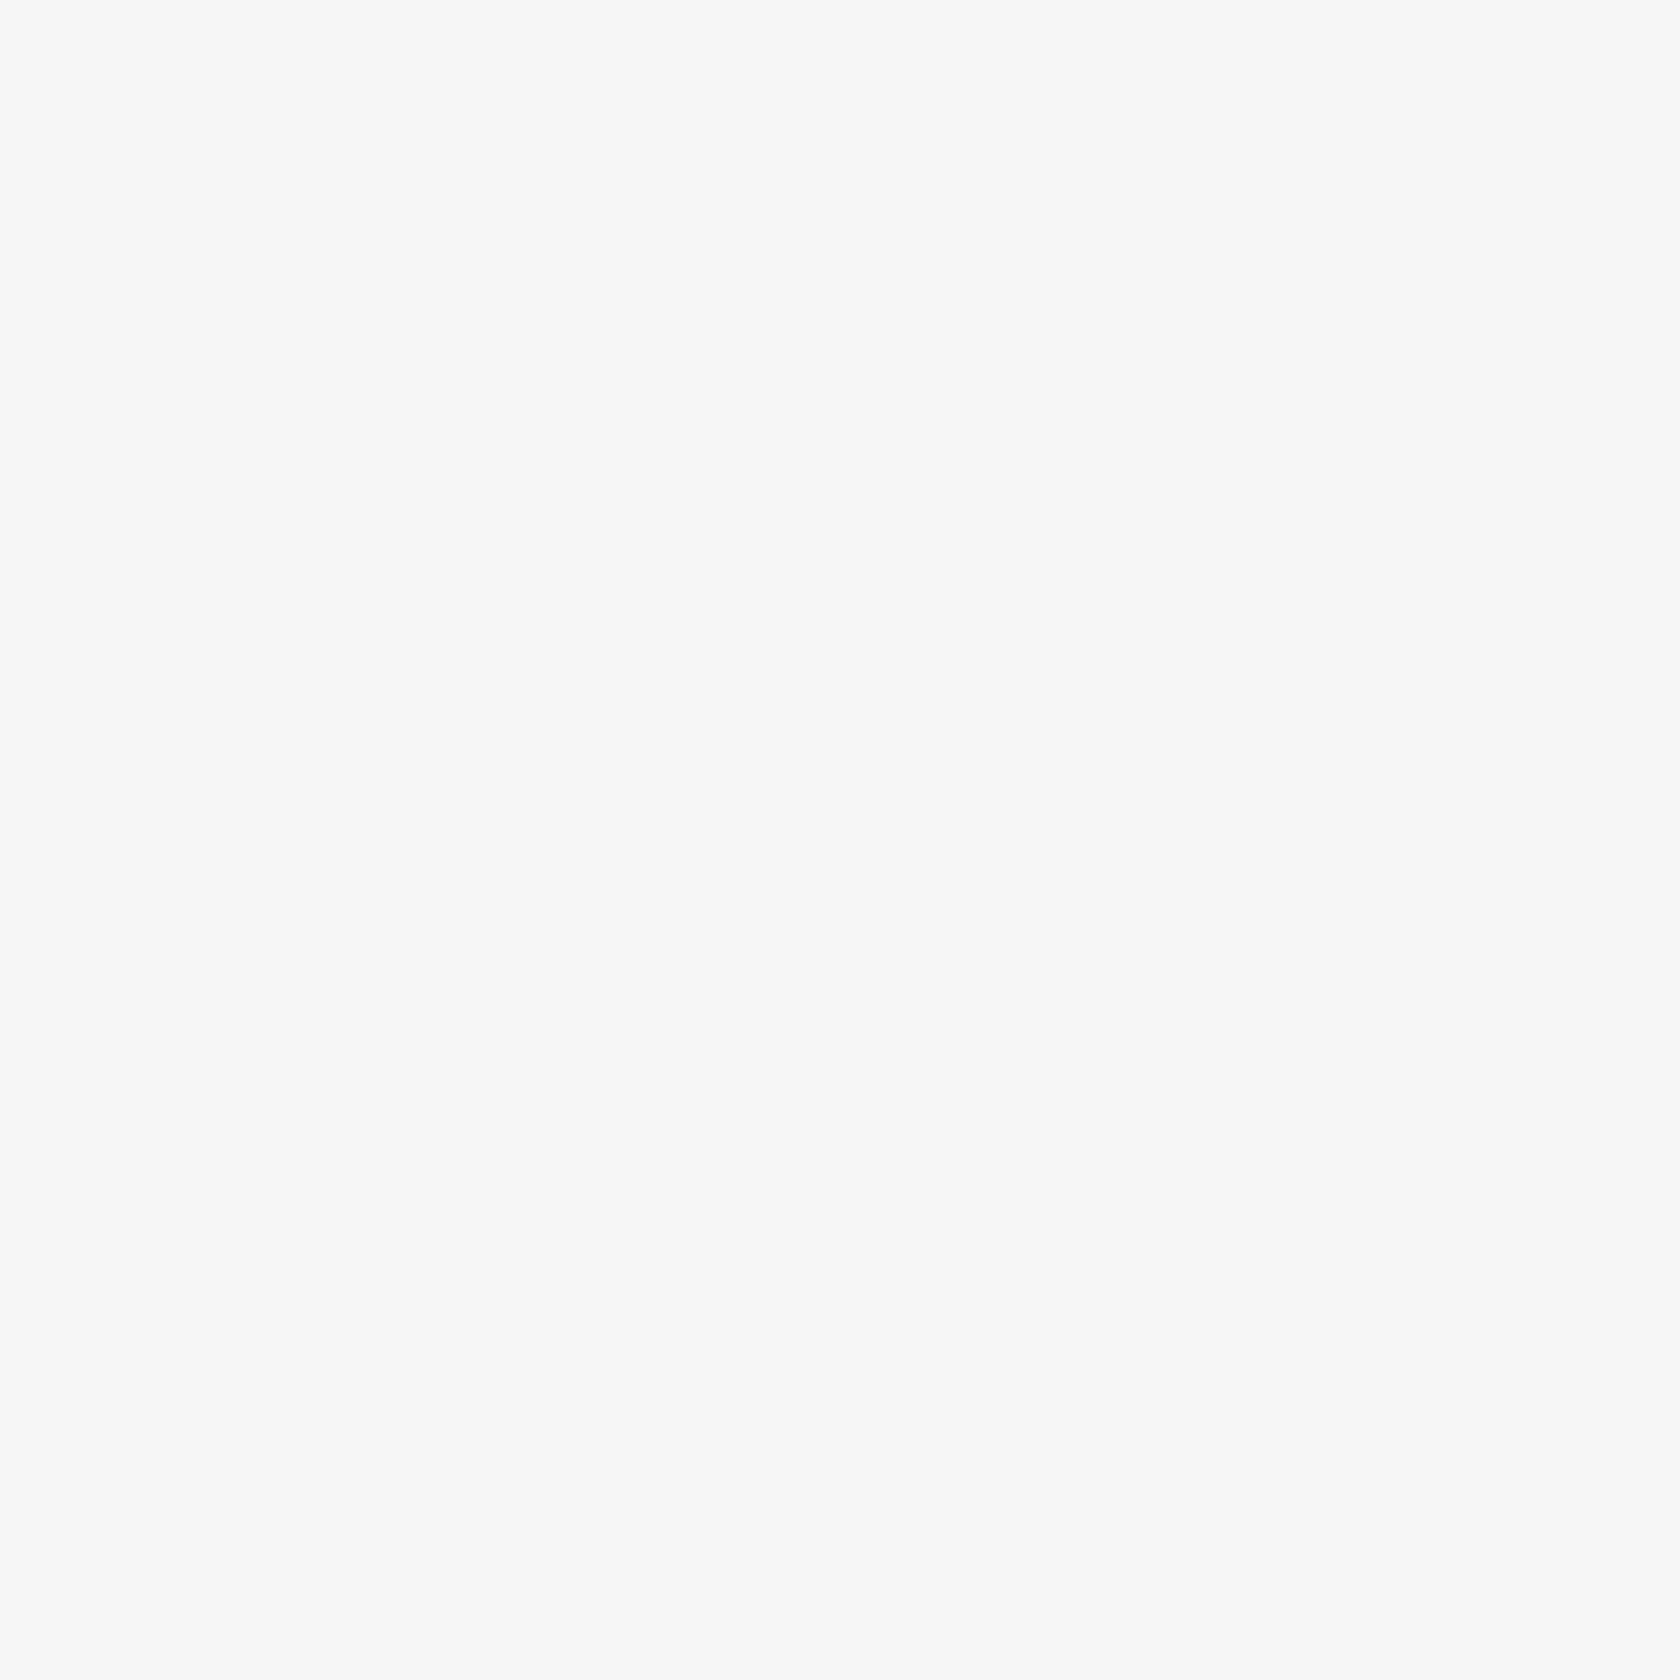 6aac999c3ce7 Lindy 30 bag